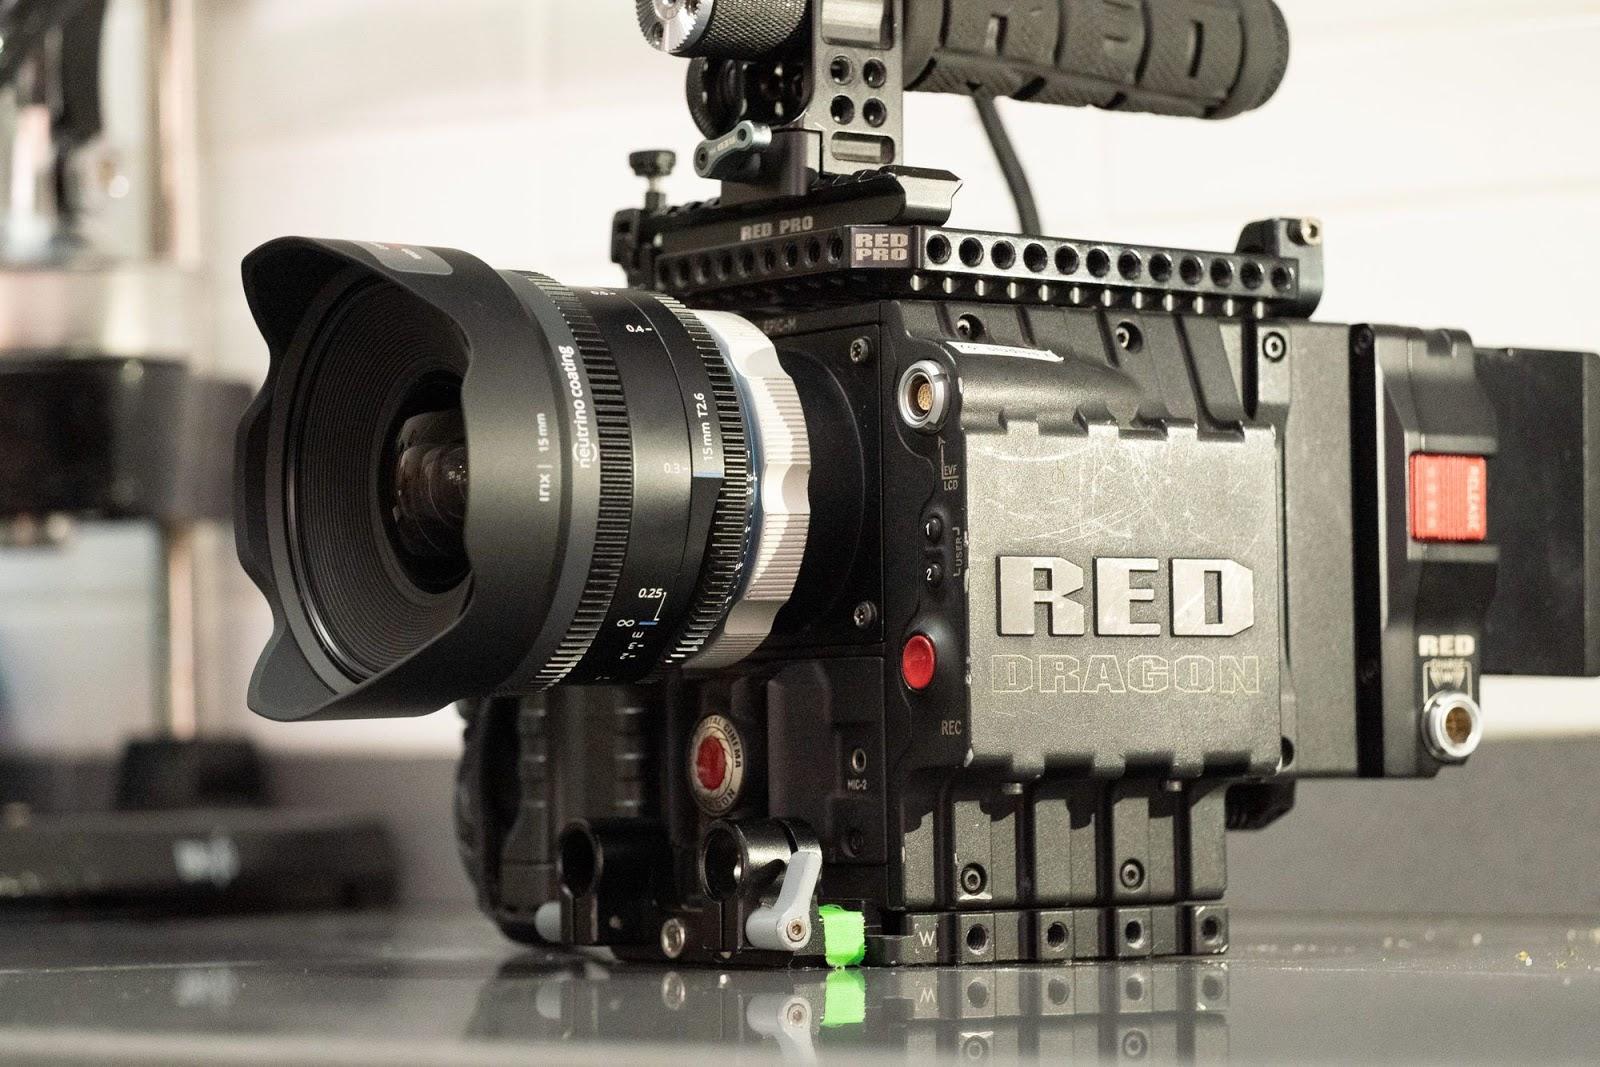 Irix 15mm T2.6 с камерой RED